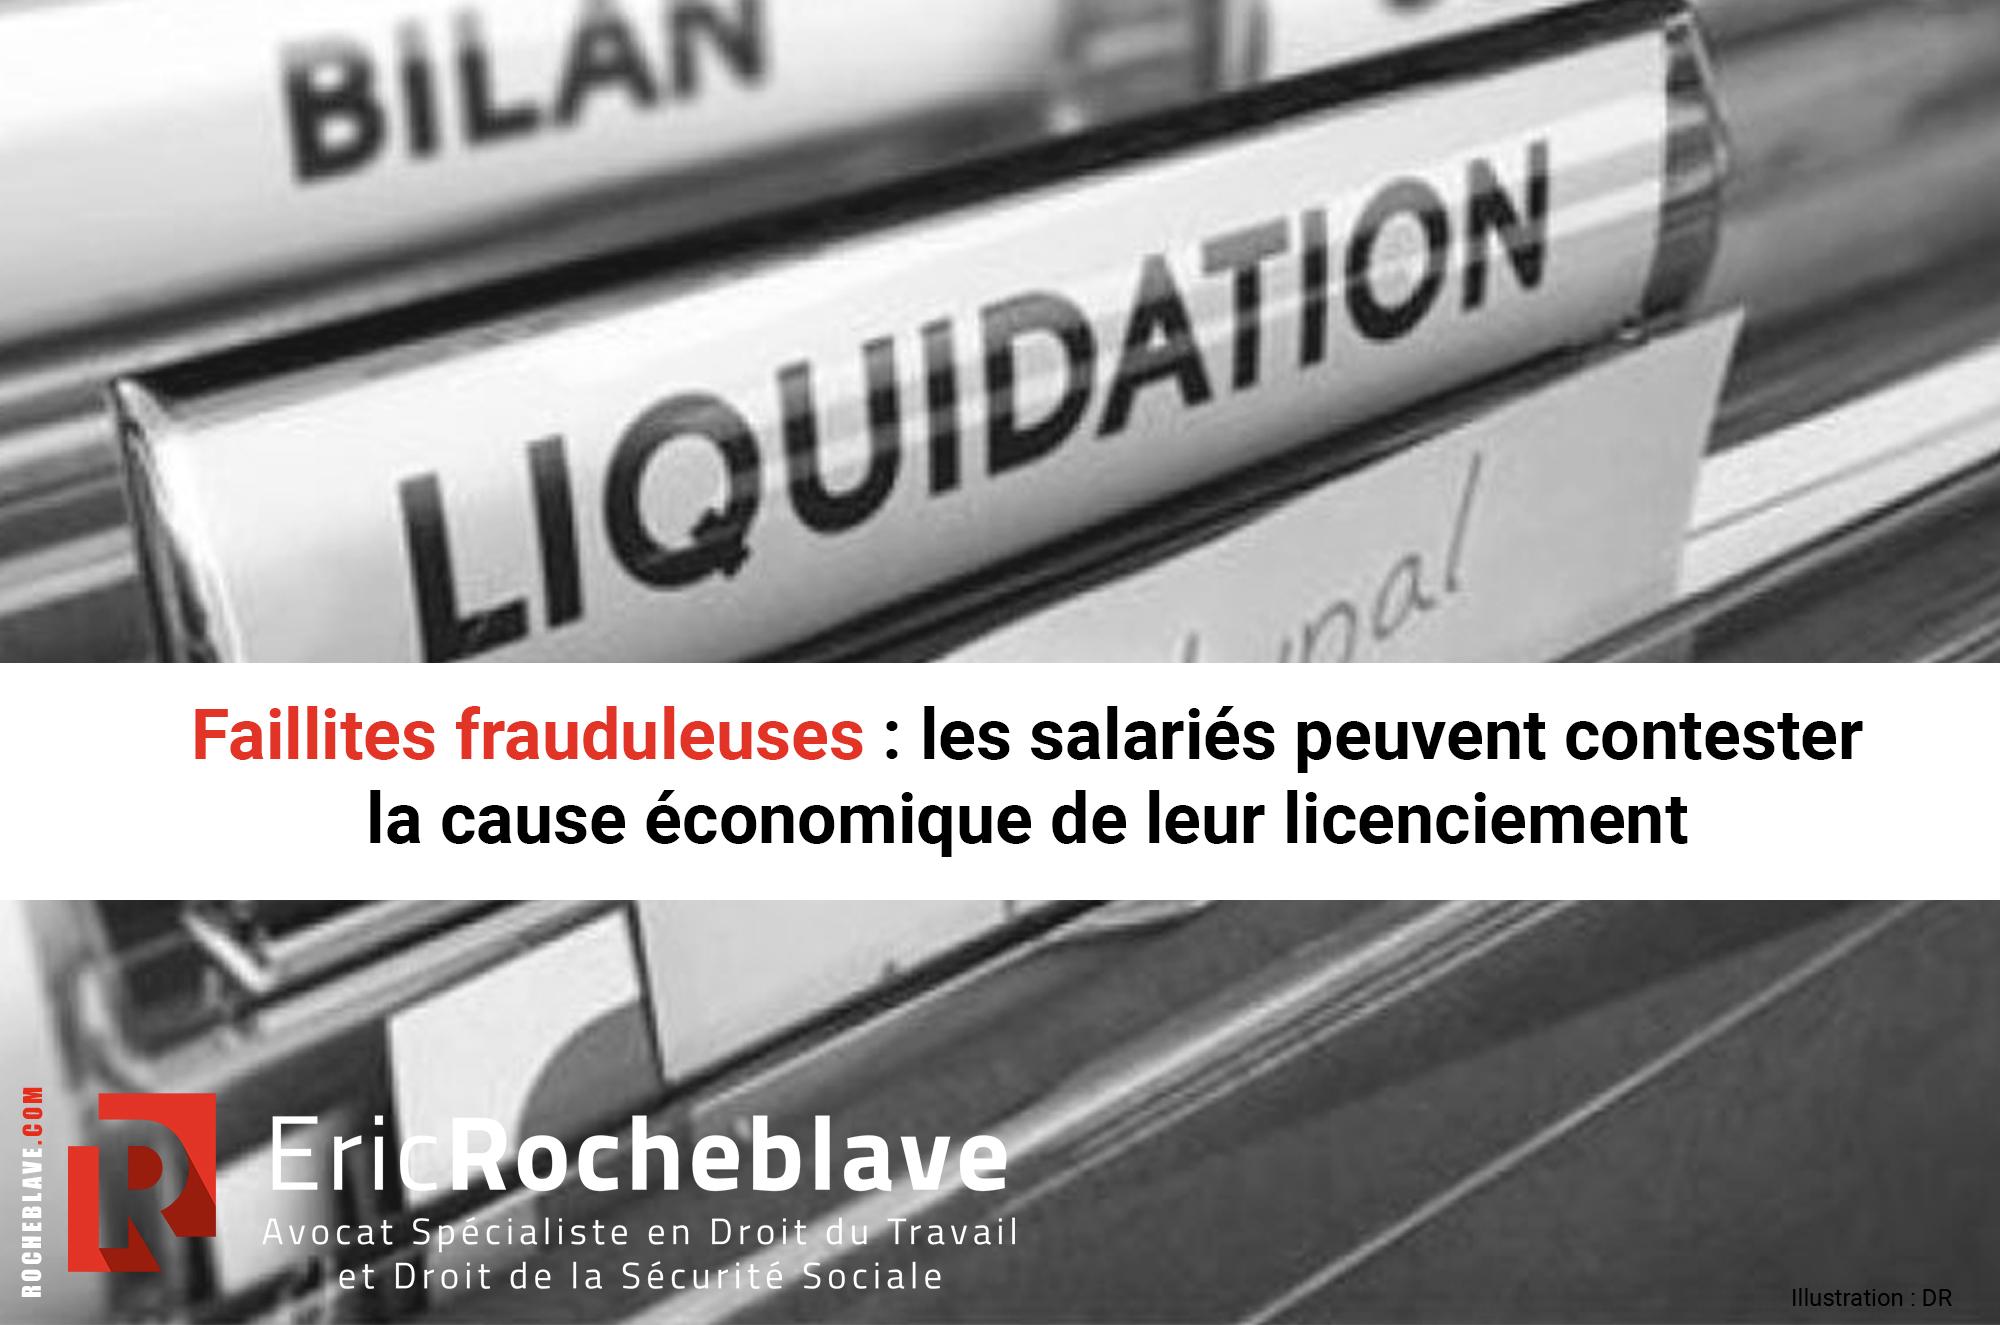 Faillites frauduleuses : les salariés peuvent contester la cause économique de leur licenciement